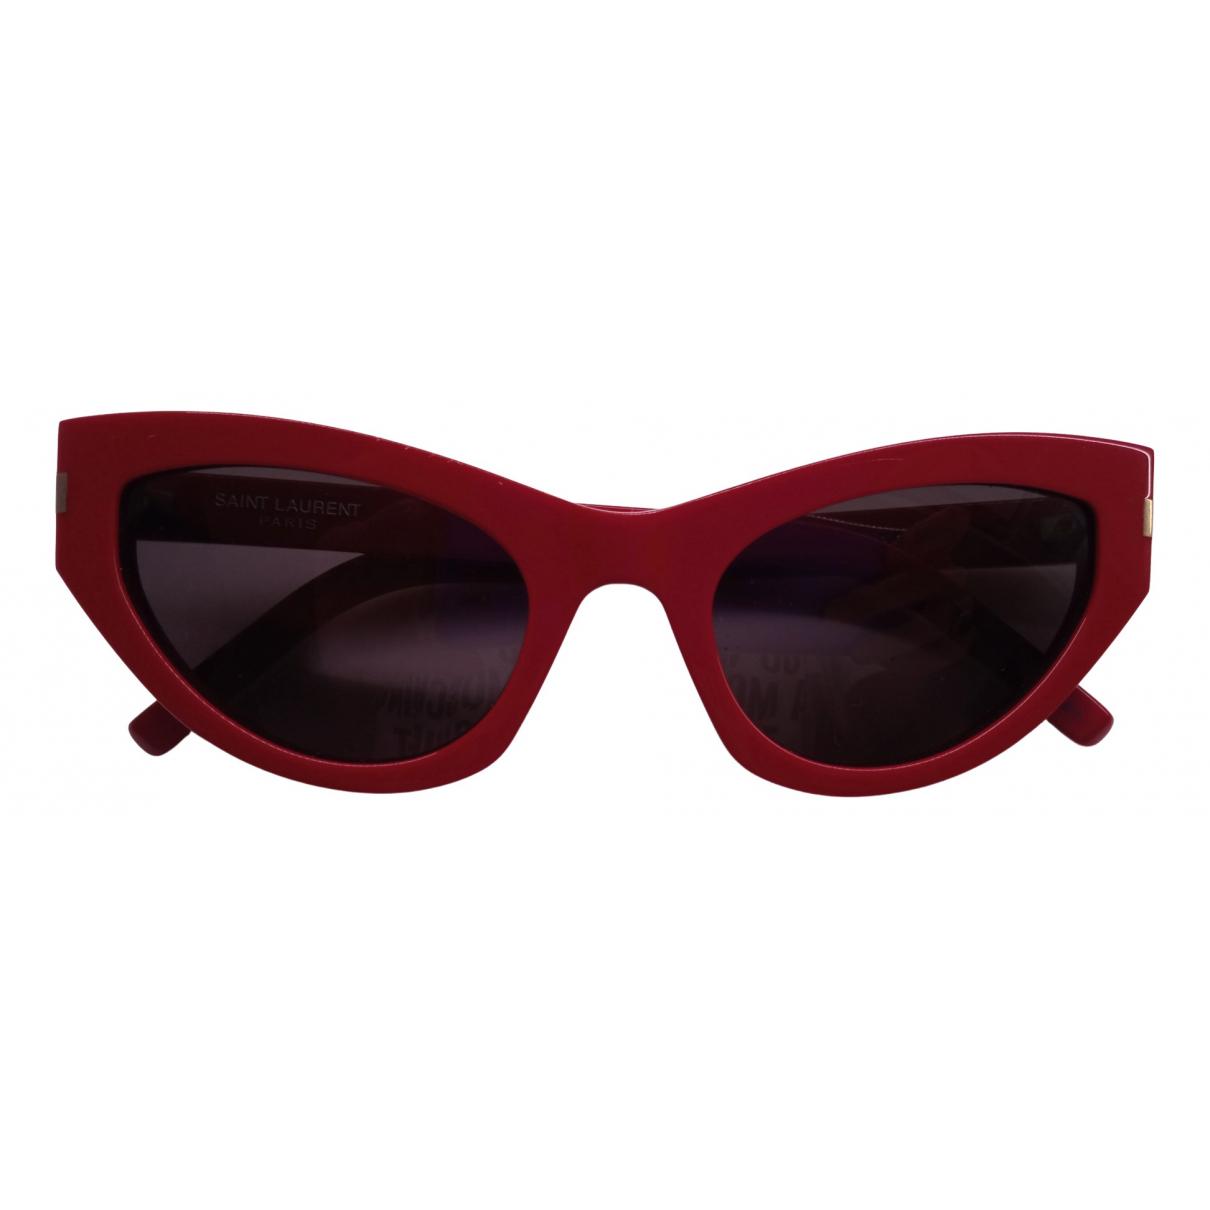 Saint Laurent - Lunettes   pour femme - rouge